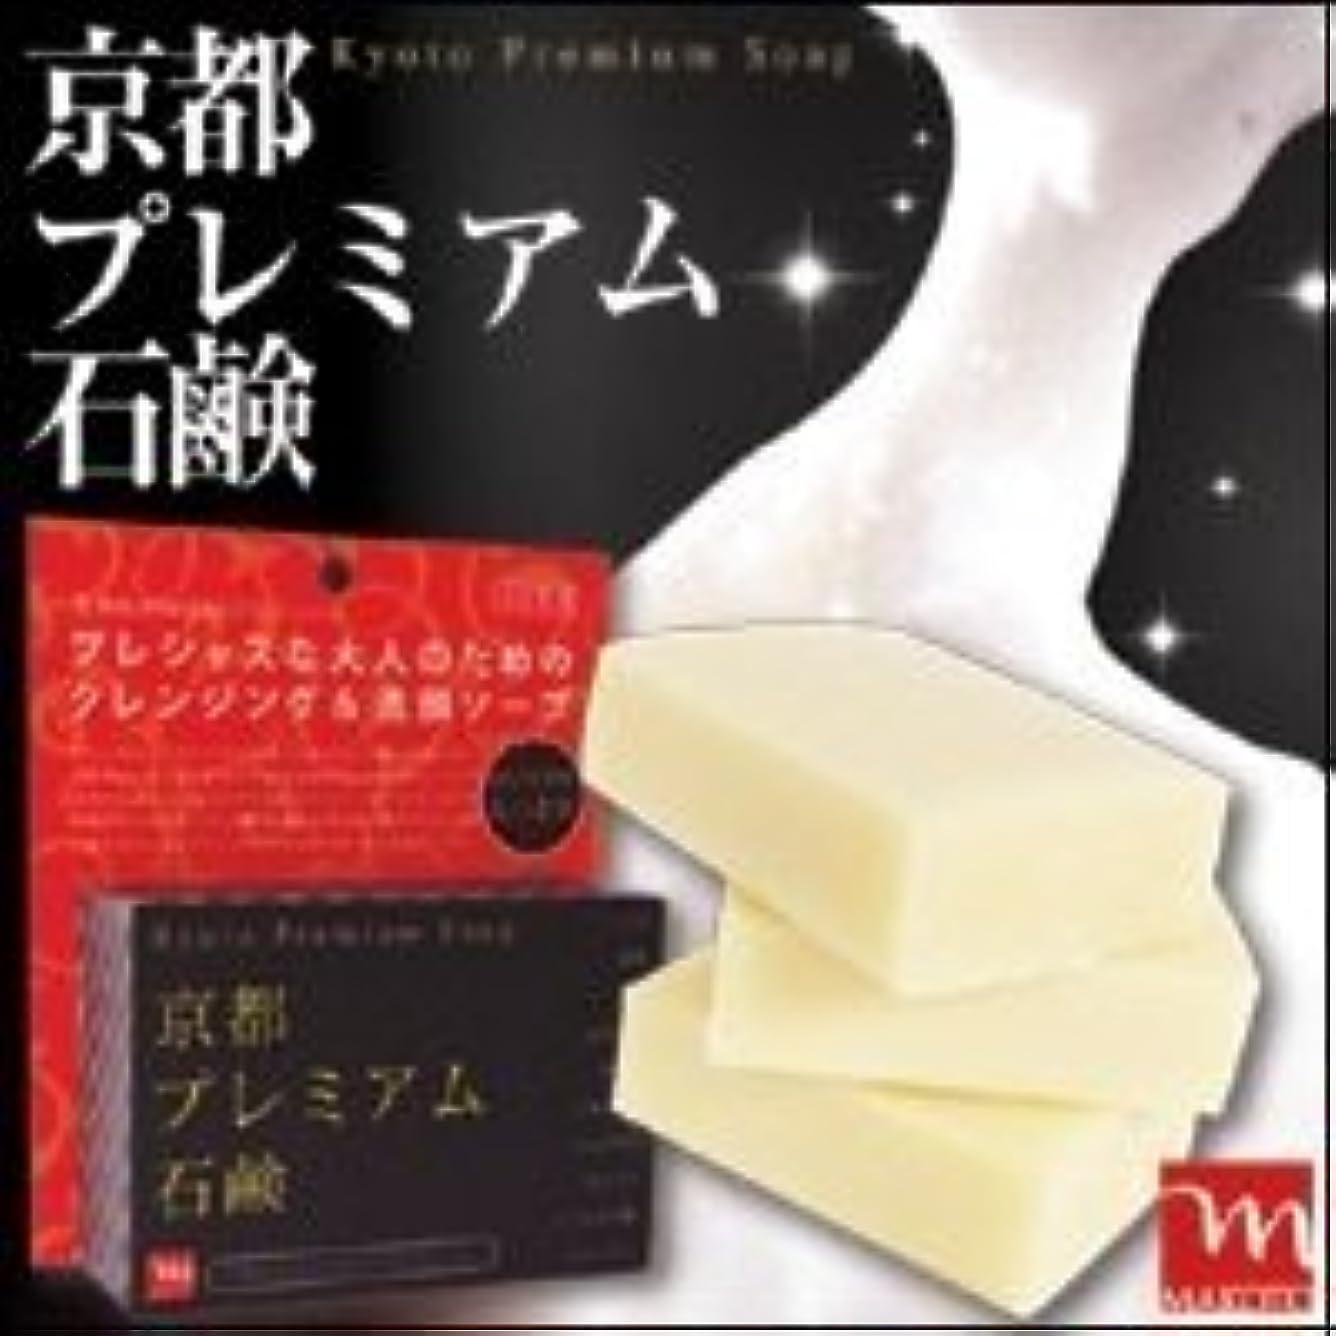 薬用スチール抑圧する京都プレミアム 京都プレミアム石鹸 120g 3個セット